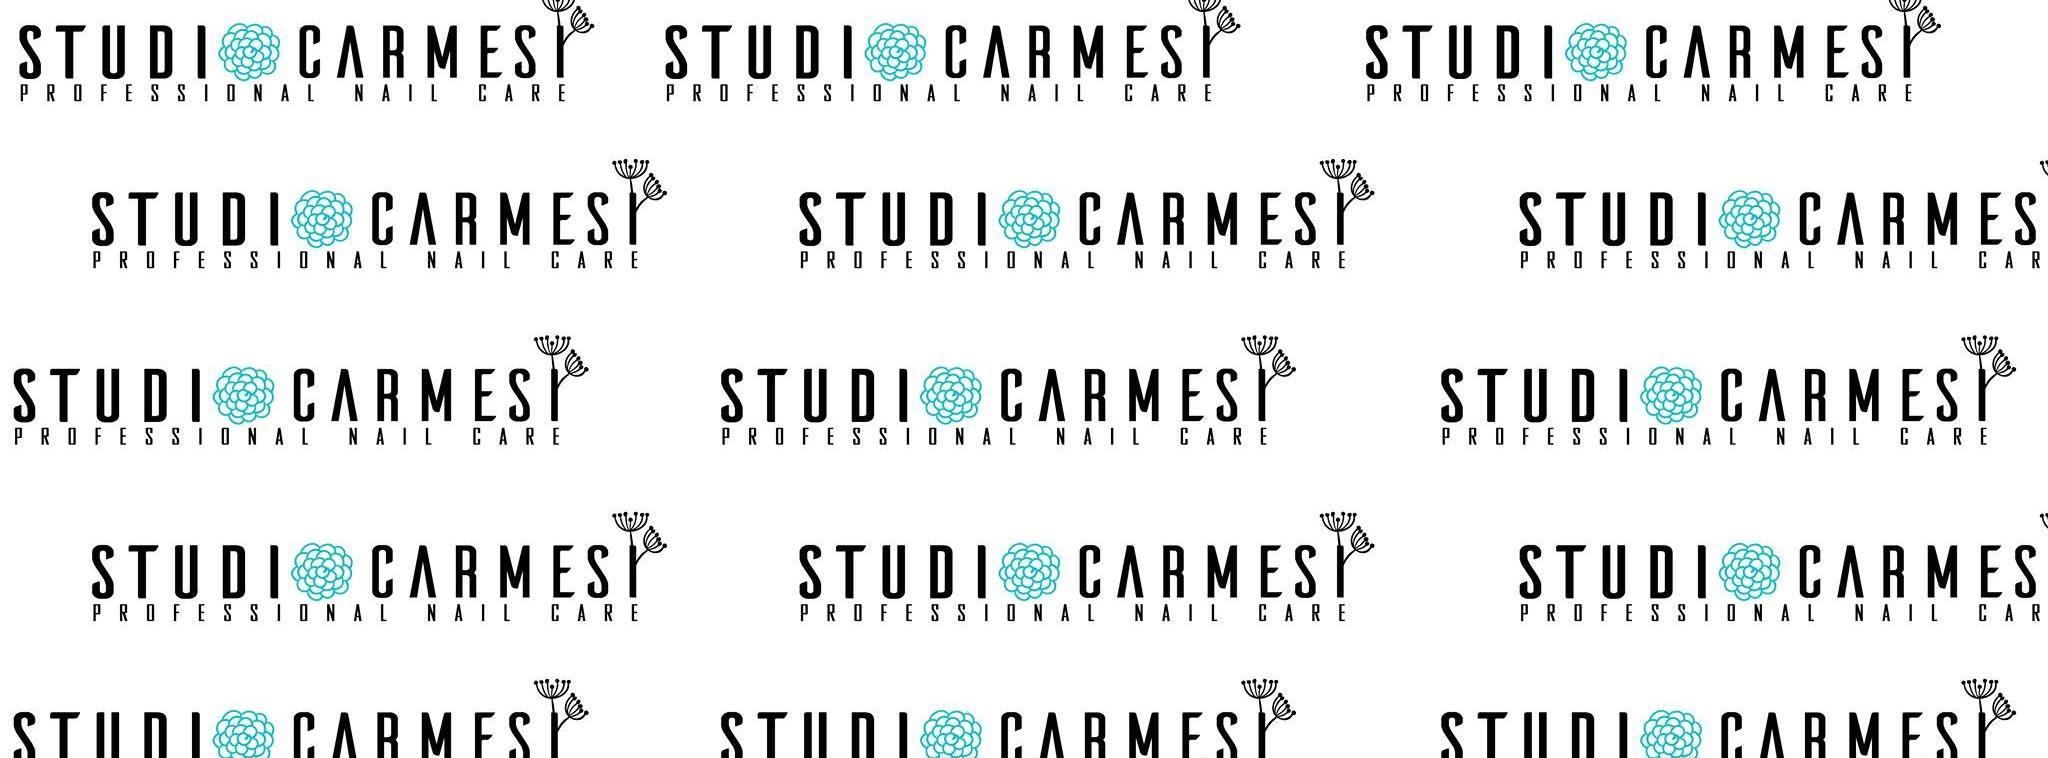 Studio Carmesi